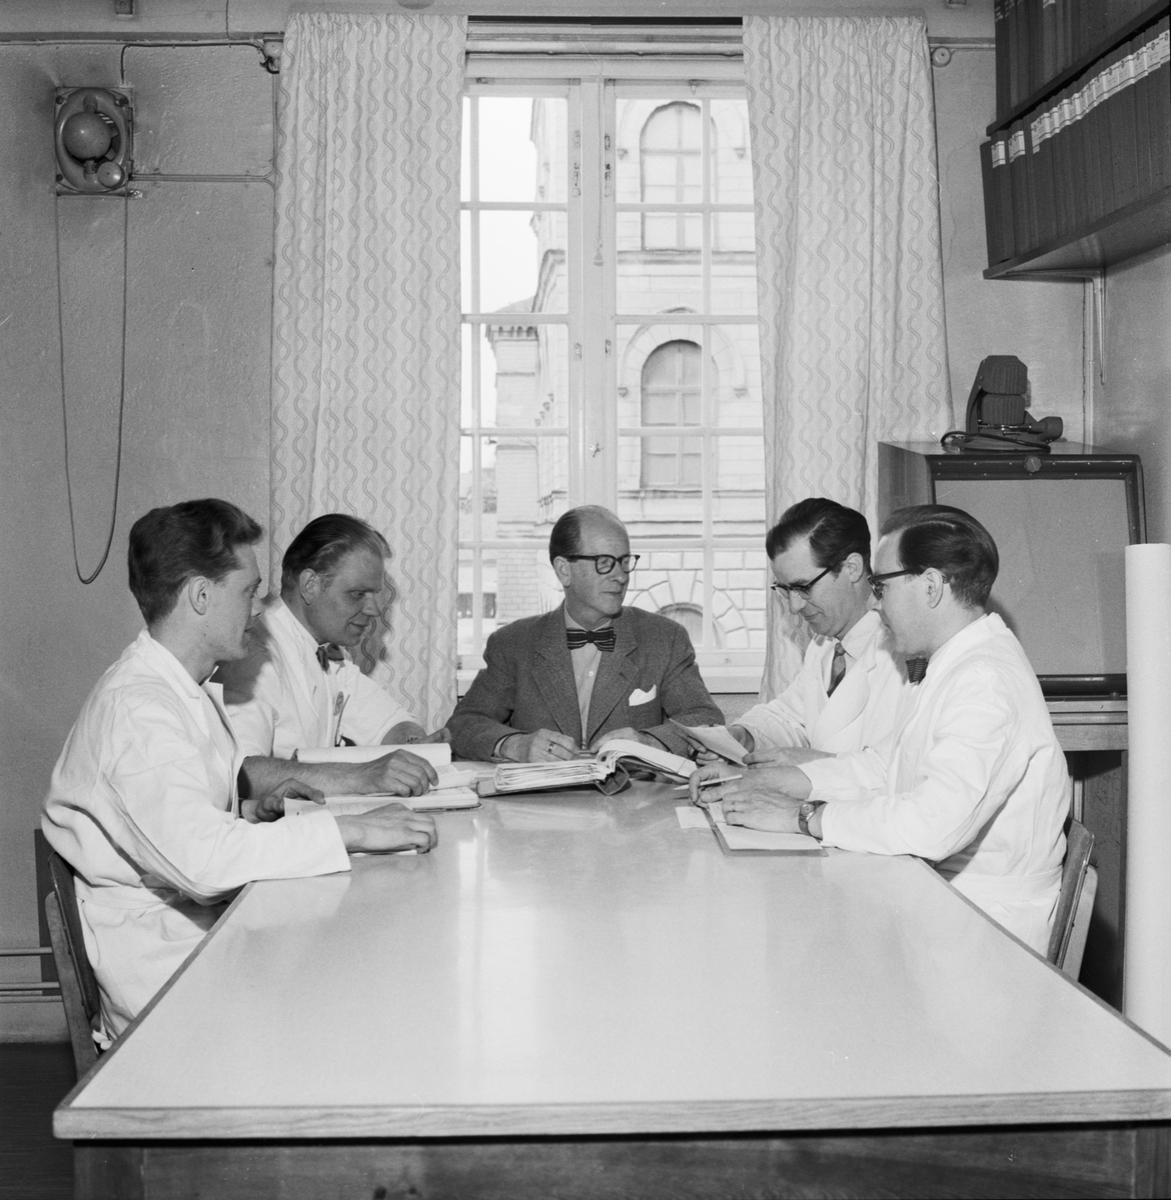 """Övrigt: Foto datum: 24/5 1957 Byggnader och kranar """"Varvet runt"""" labbpersonal. Närmast identisk bild: V13763, ej skannad"""